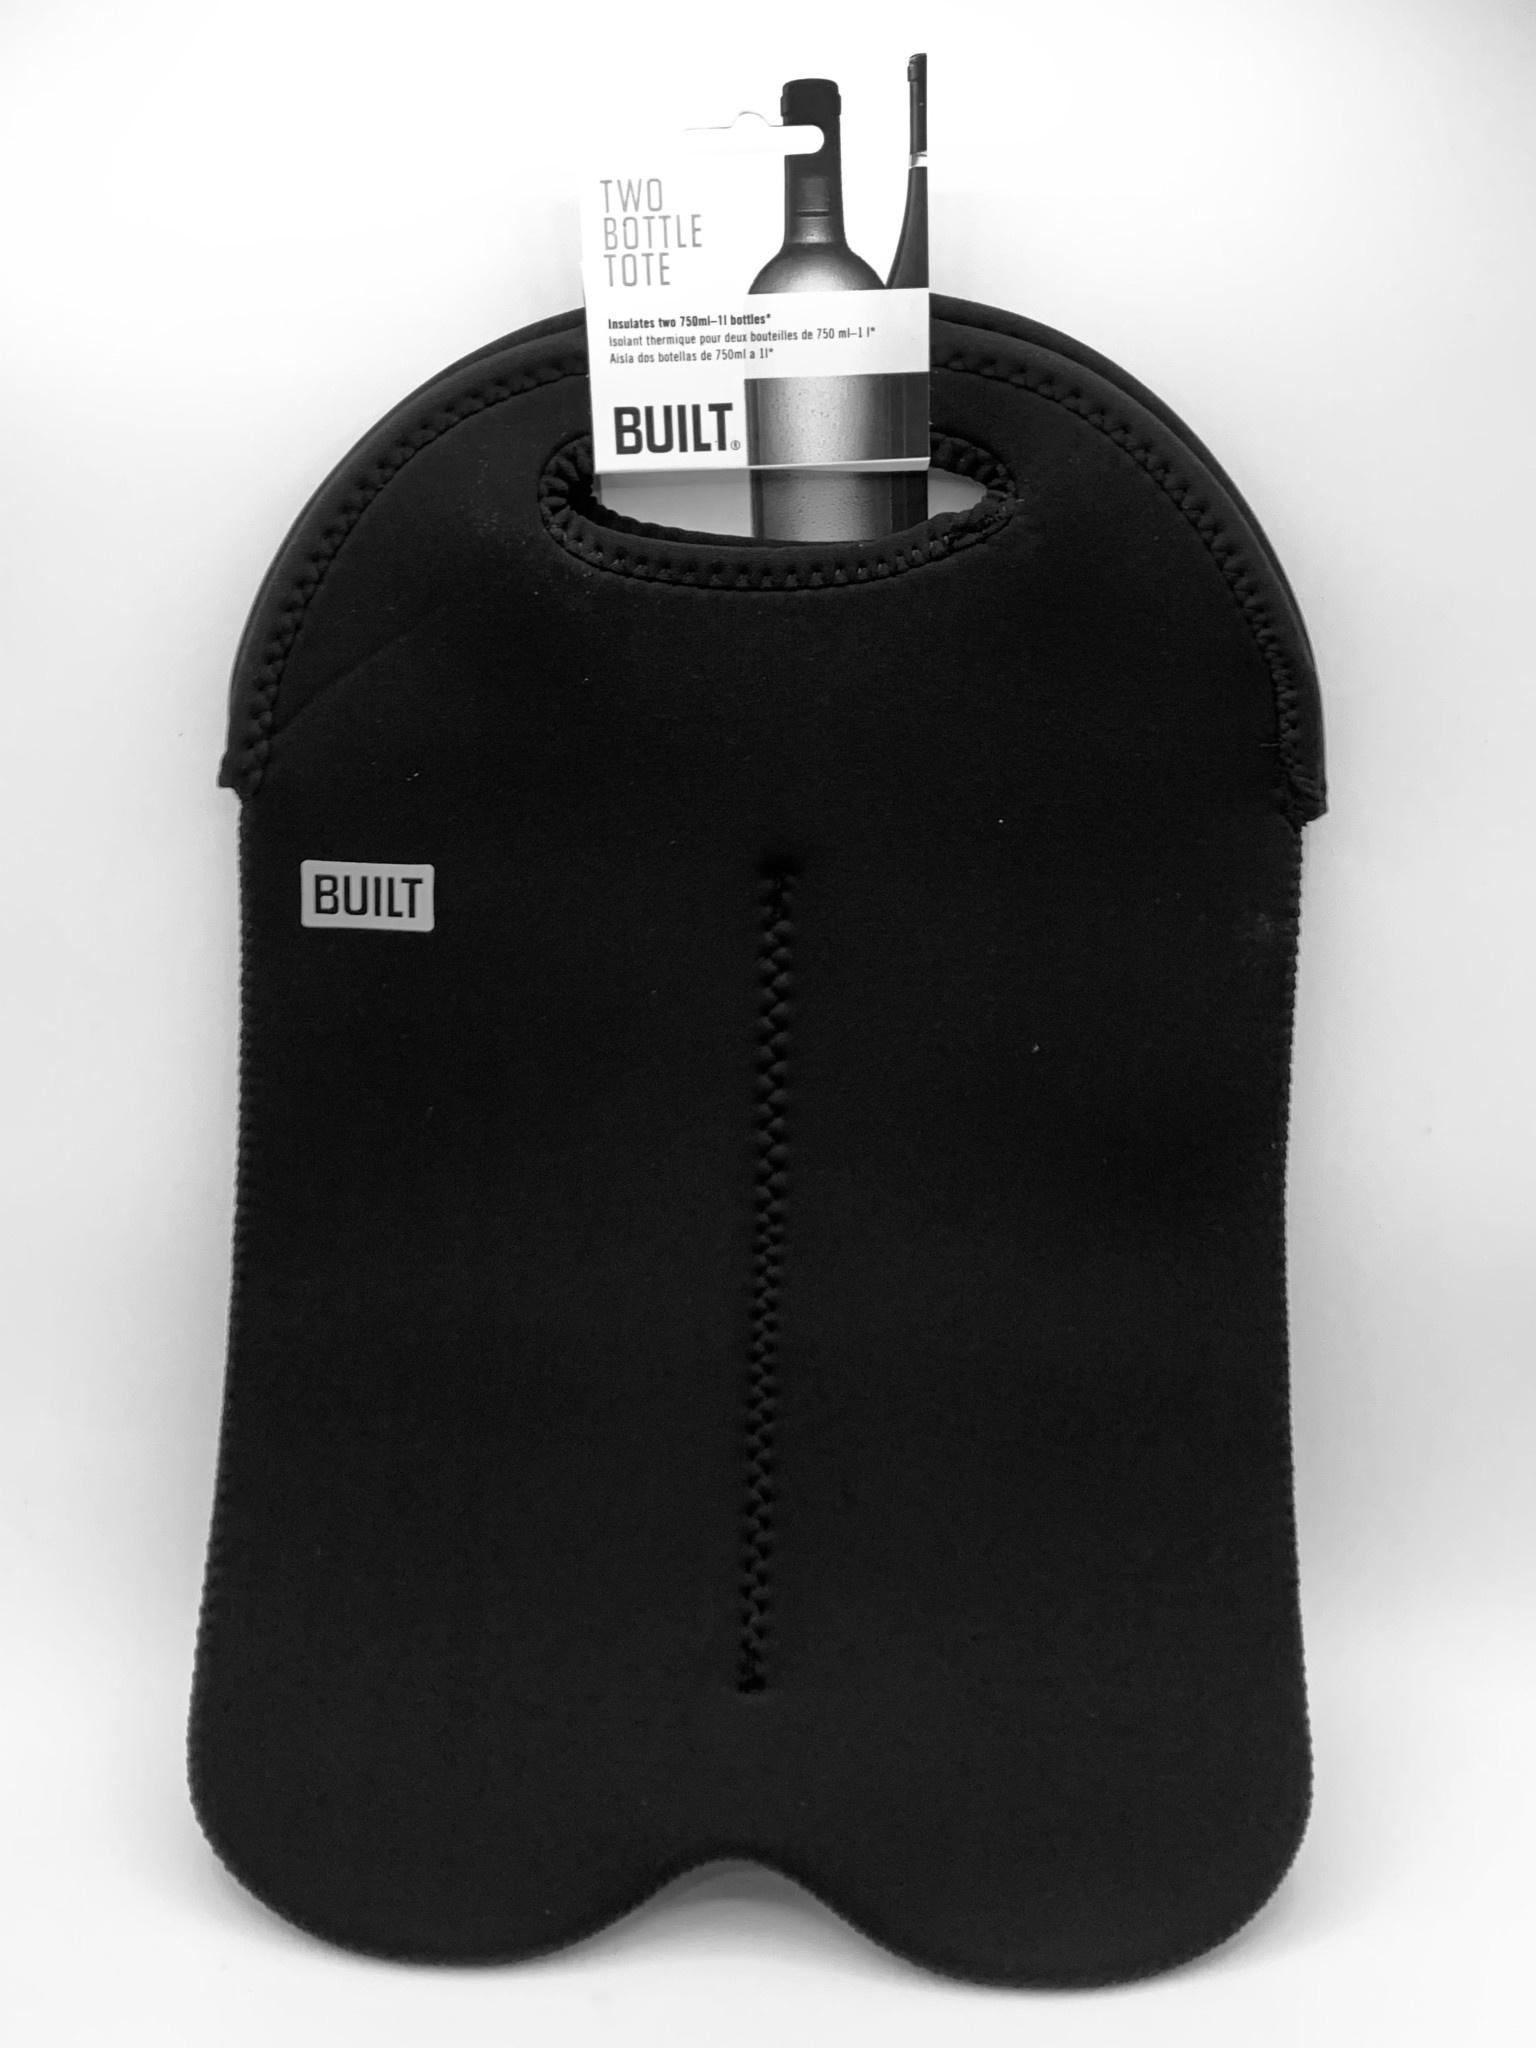 BUILT 2-Bottle Wine Tote Bag Black